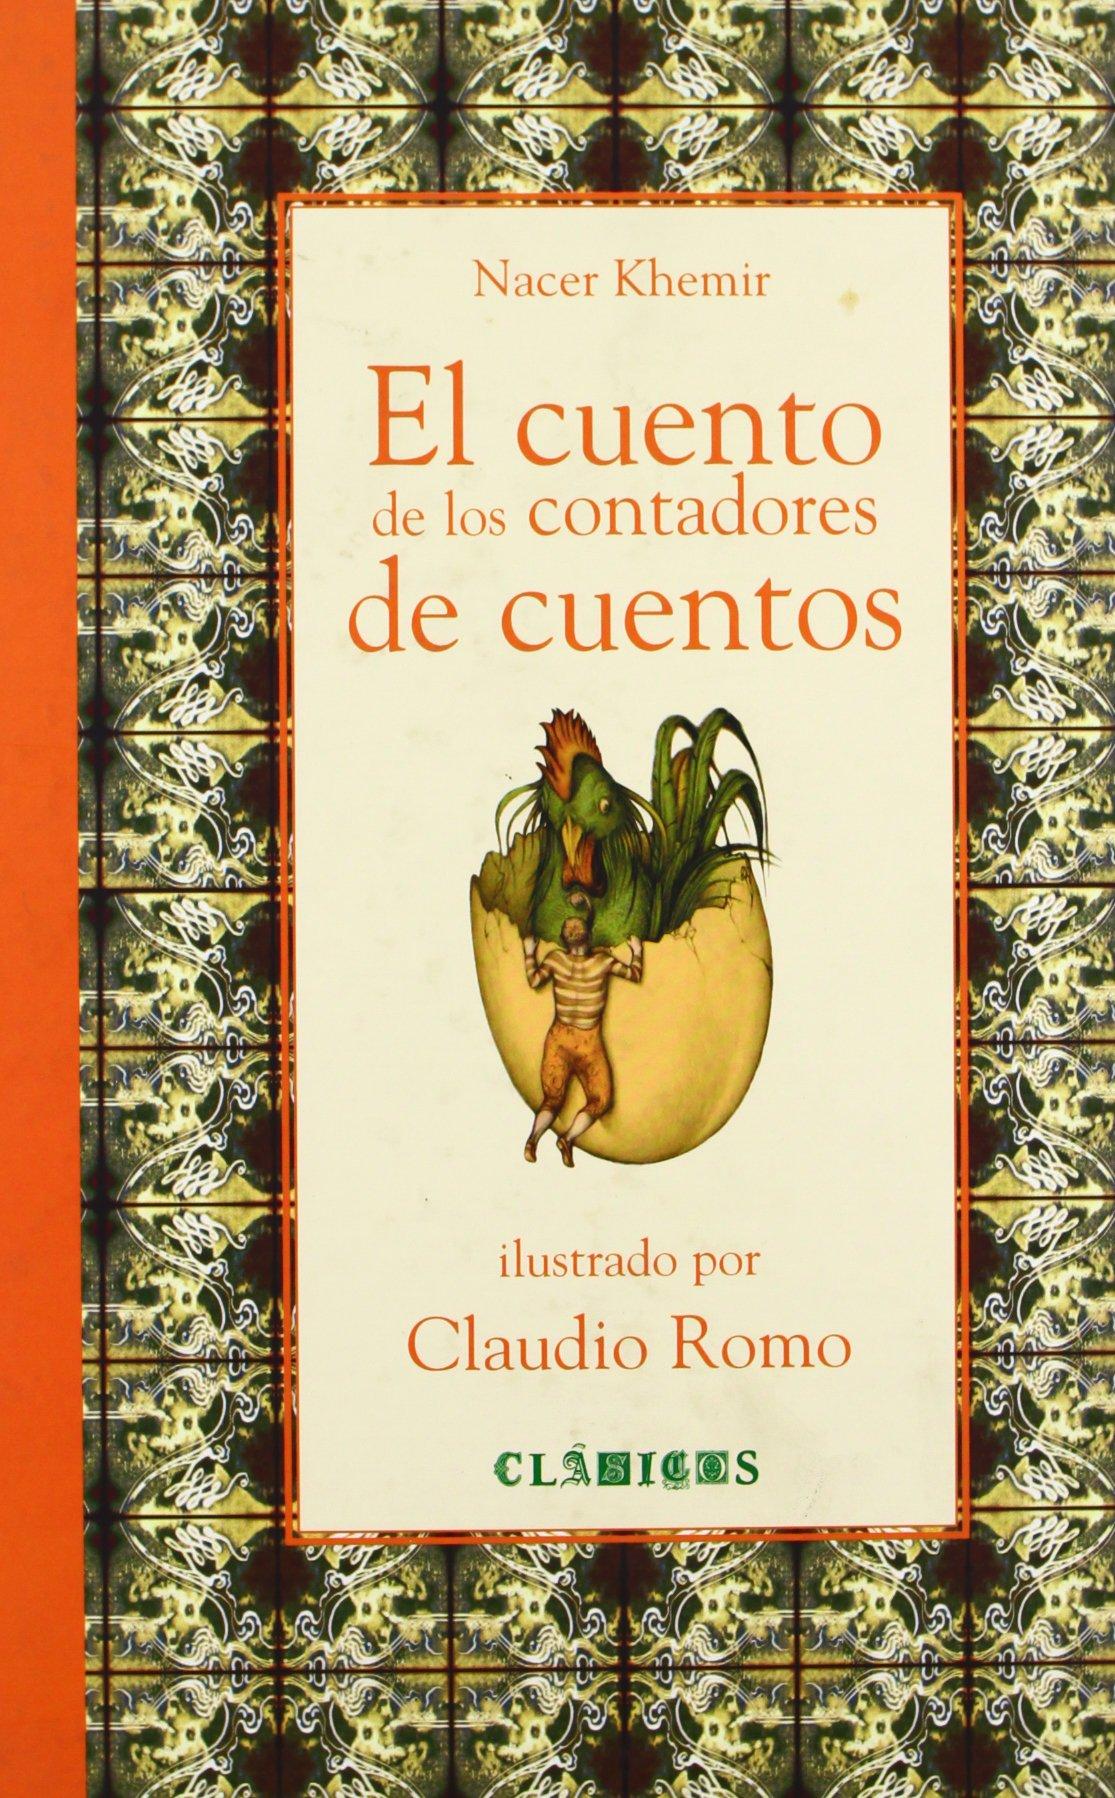 El cuento de los contadores de cuentos (Clasicos (Fondo De Cultura Economica (Mexico)).) (Spanish Edition) PDF